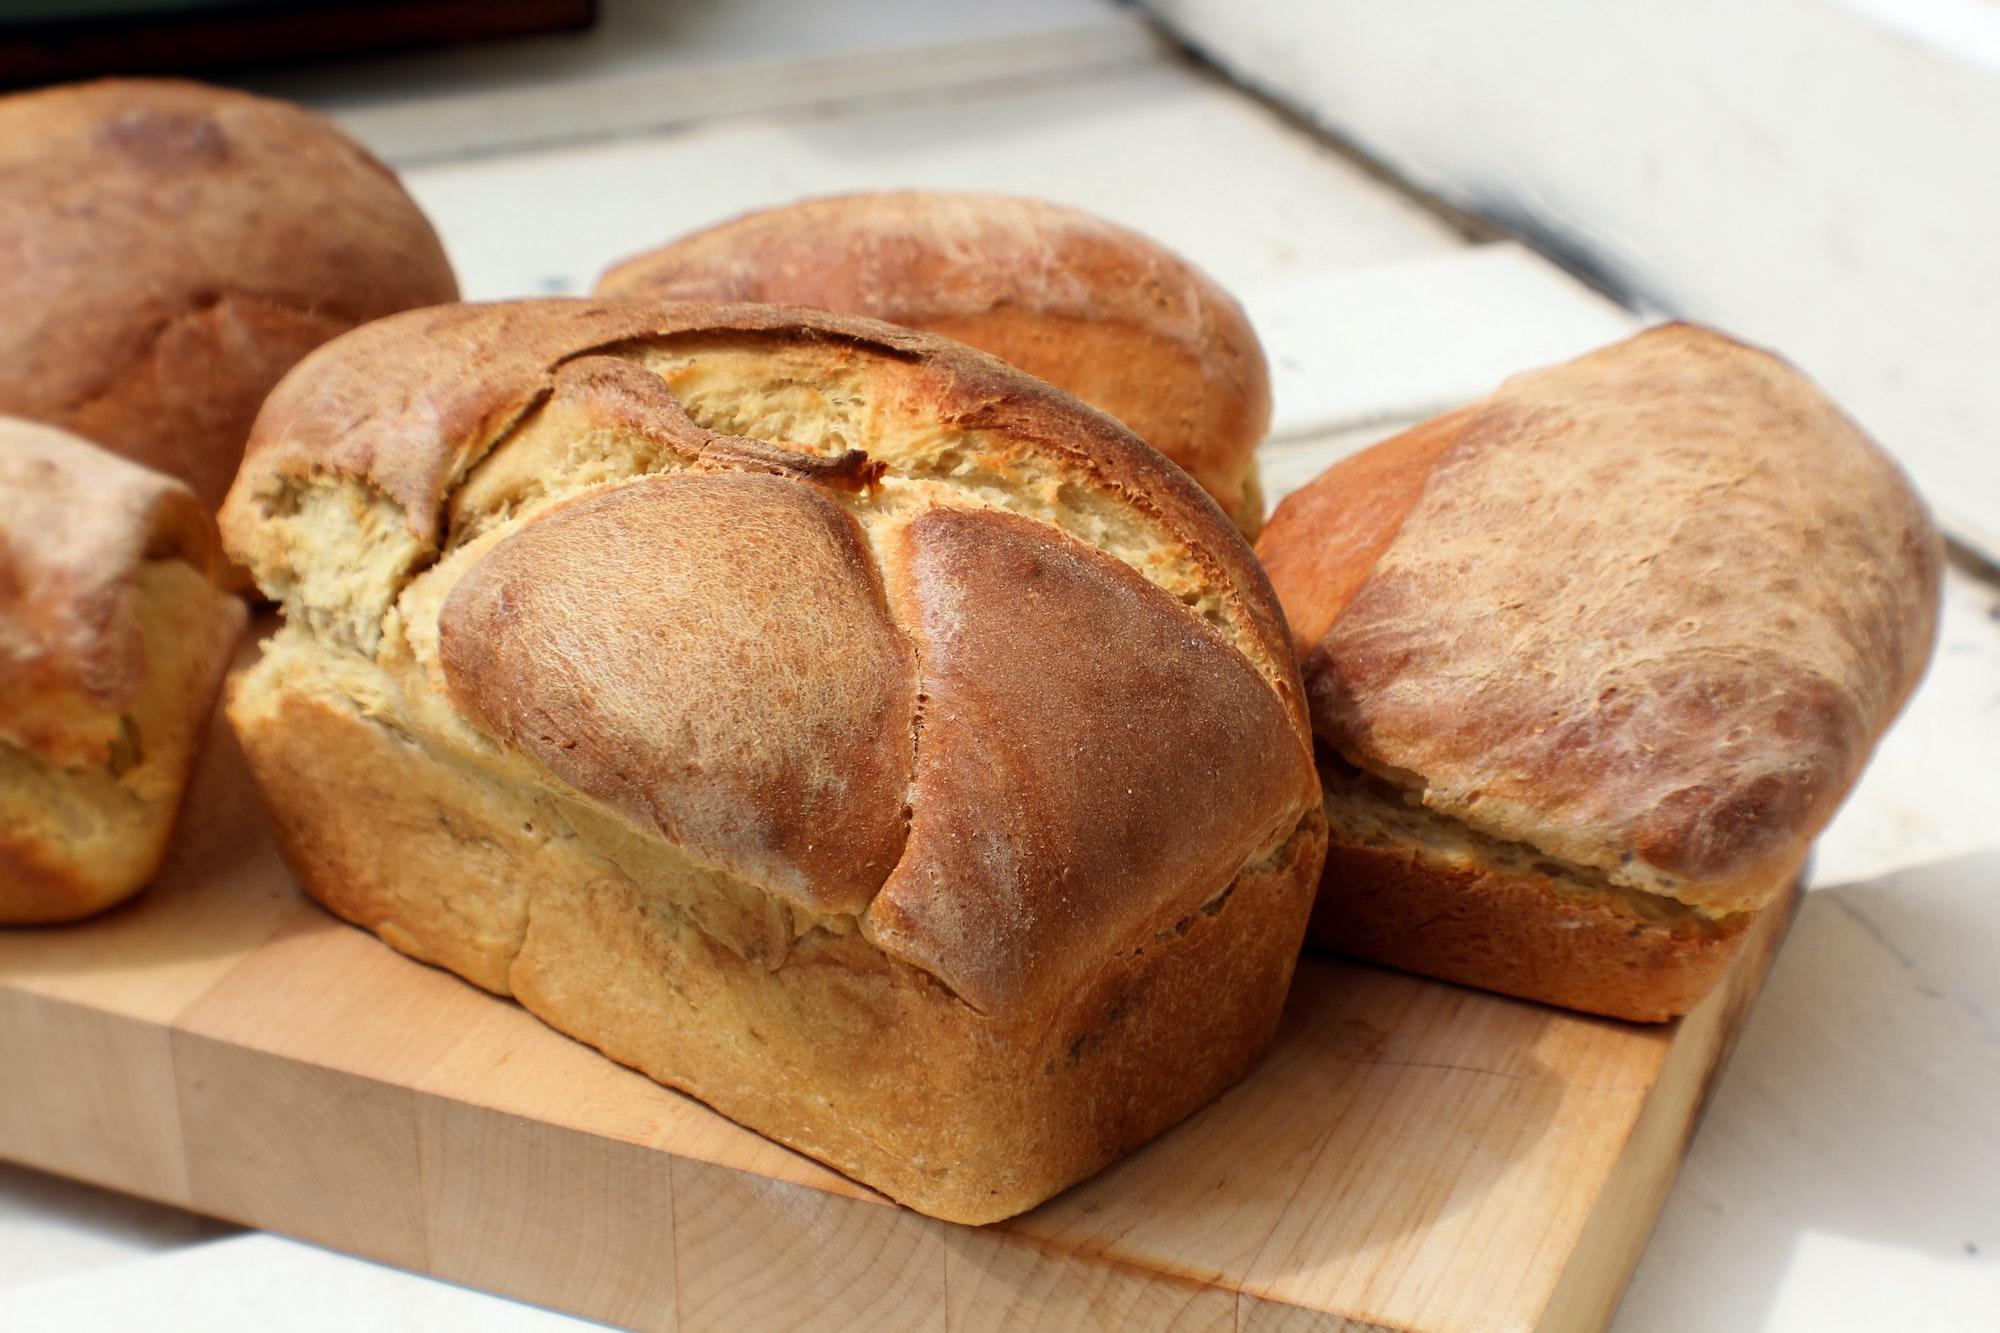 Does Gluten Impact Hypothyroidism?